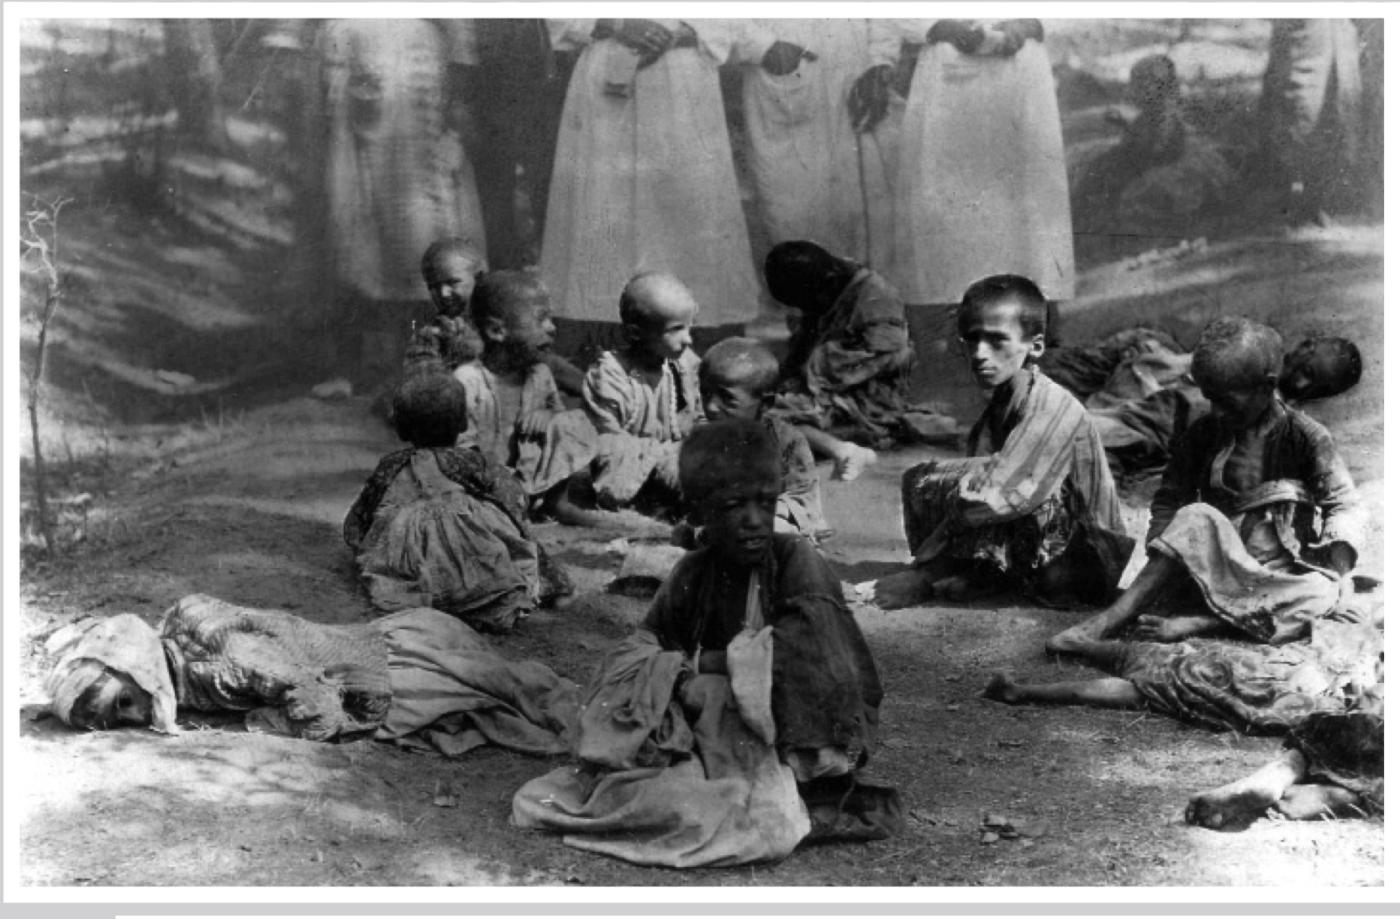 фото армянского геноцида отметить праздник или